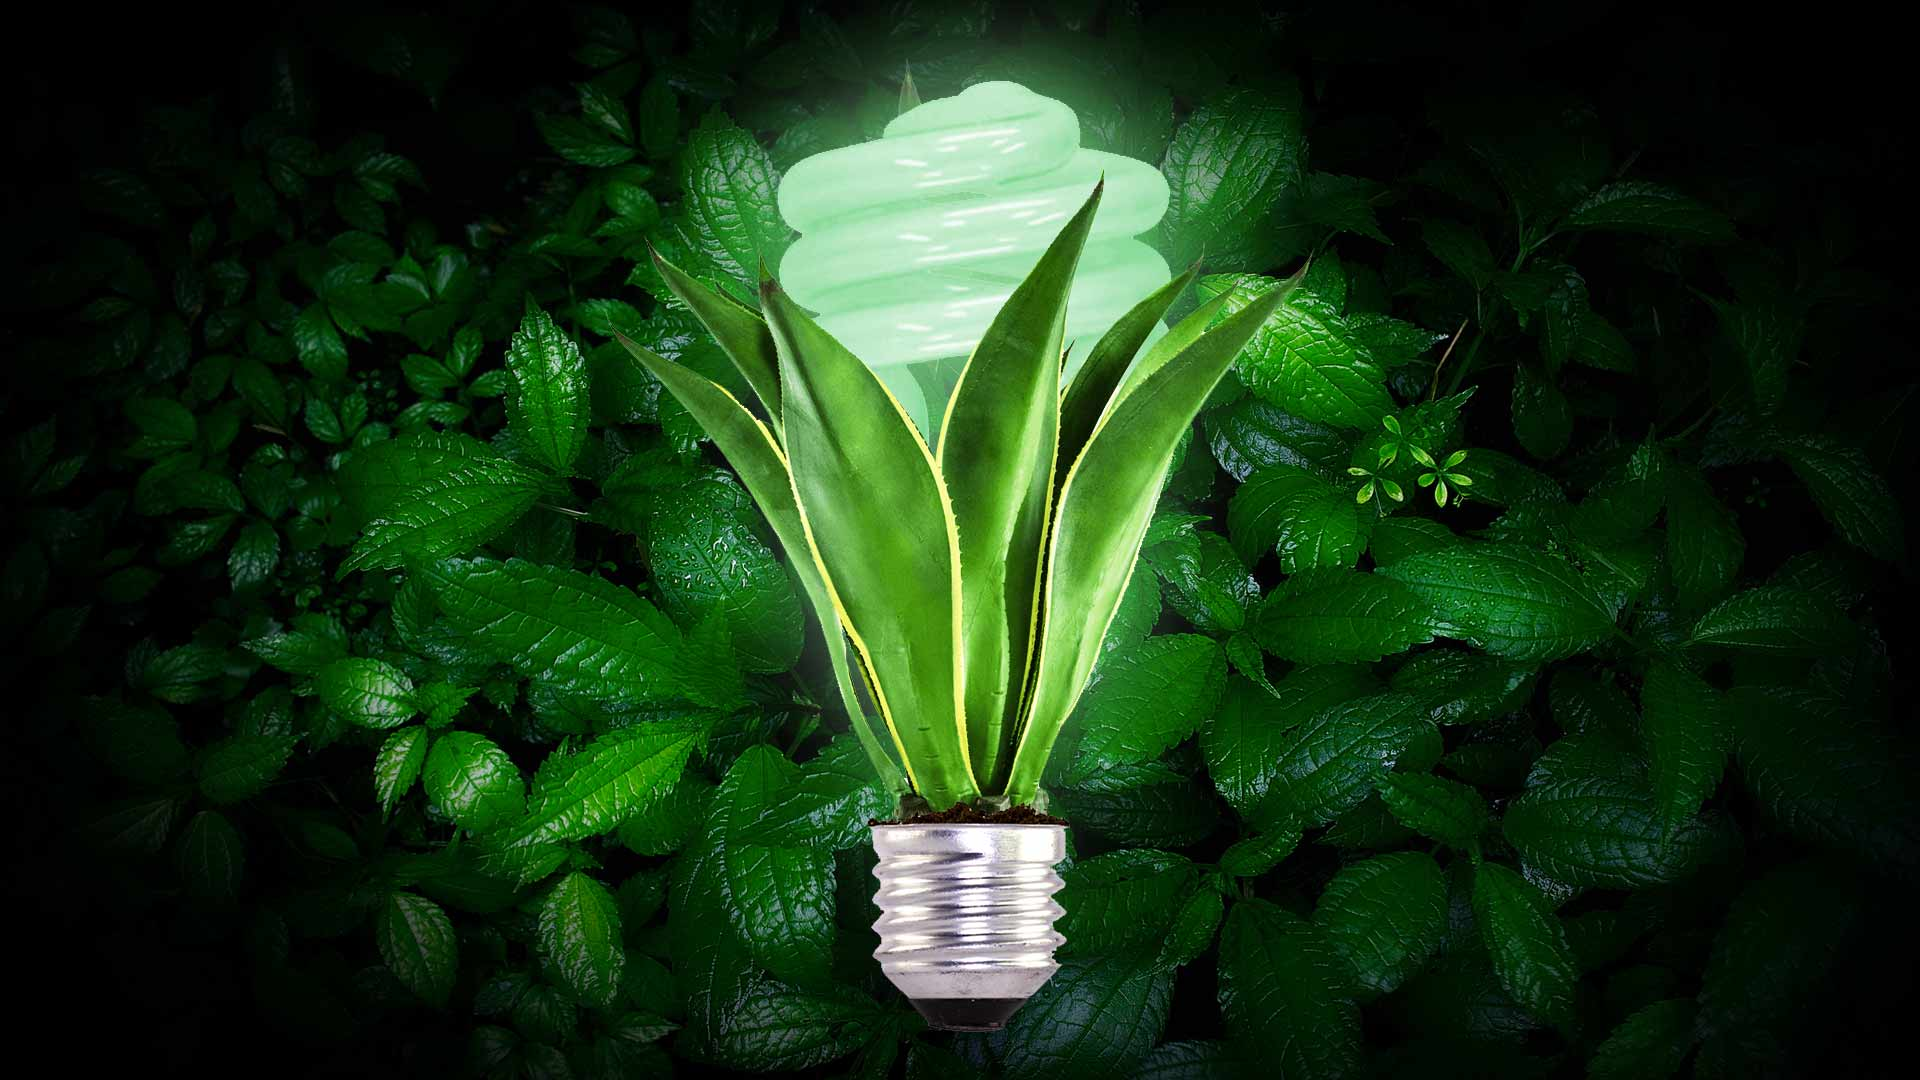 saul-ameliach-especialista-en-nuevos-desarrollos-saul-ameliach--plantas-adios-a-la-luz-electrica-plantas-con-luz-propia-noticias